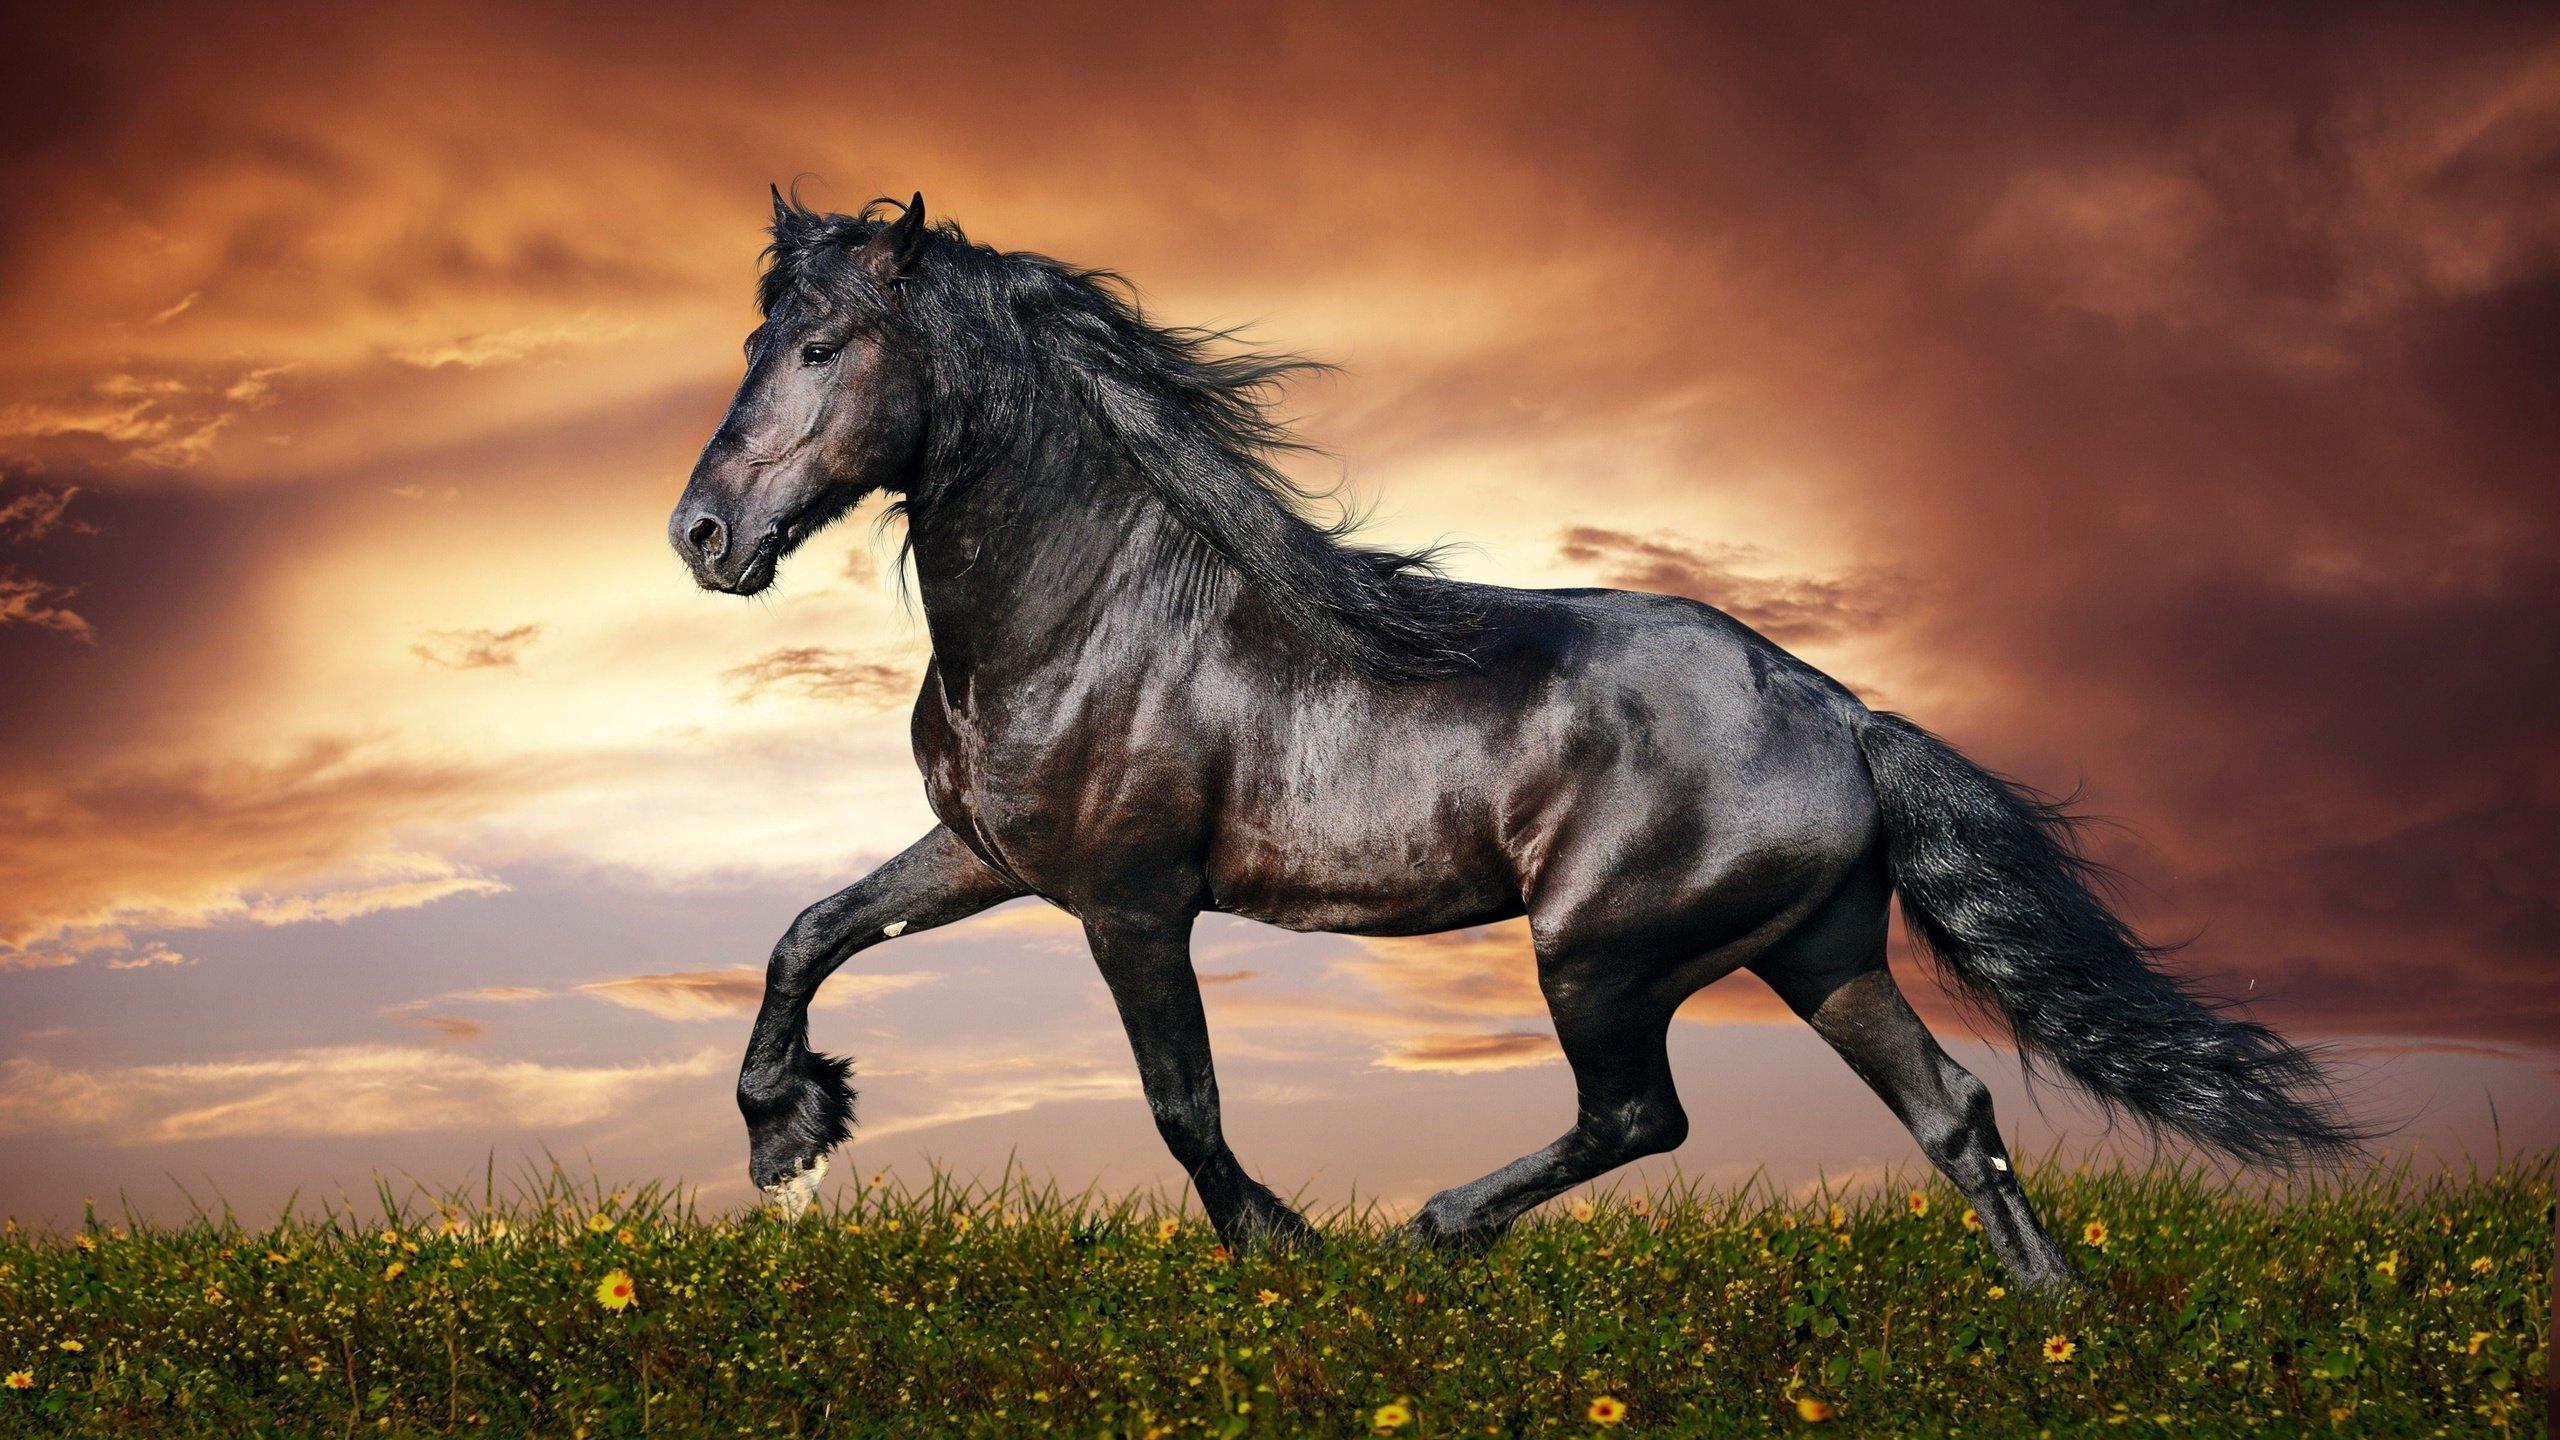 лошадь картинки большого разрешения могут заезжать